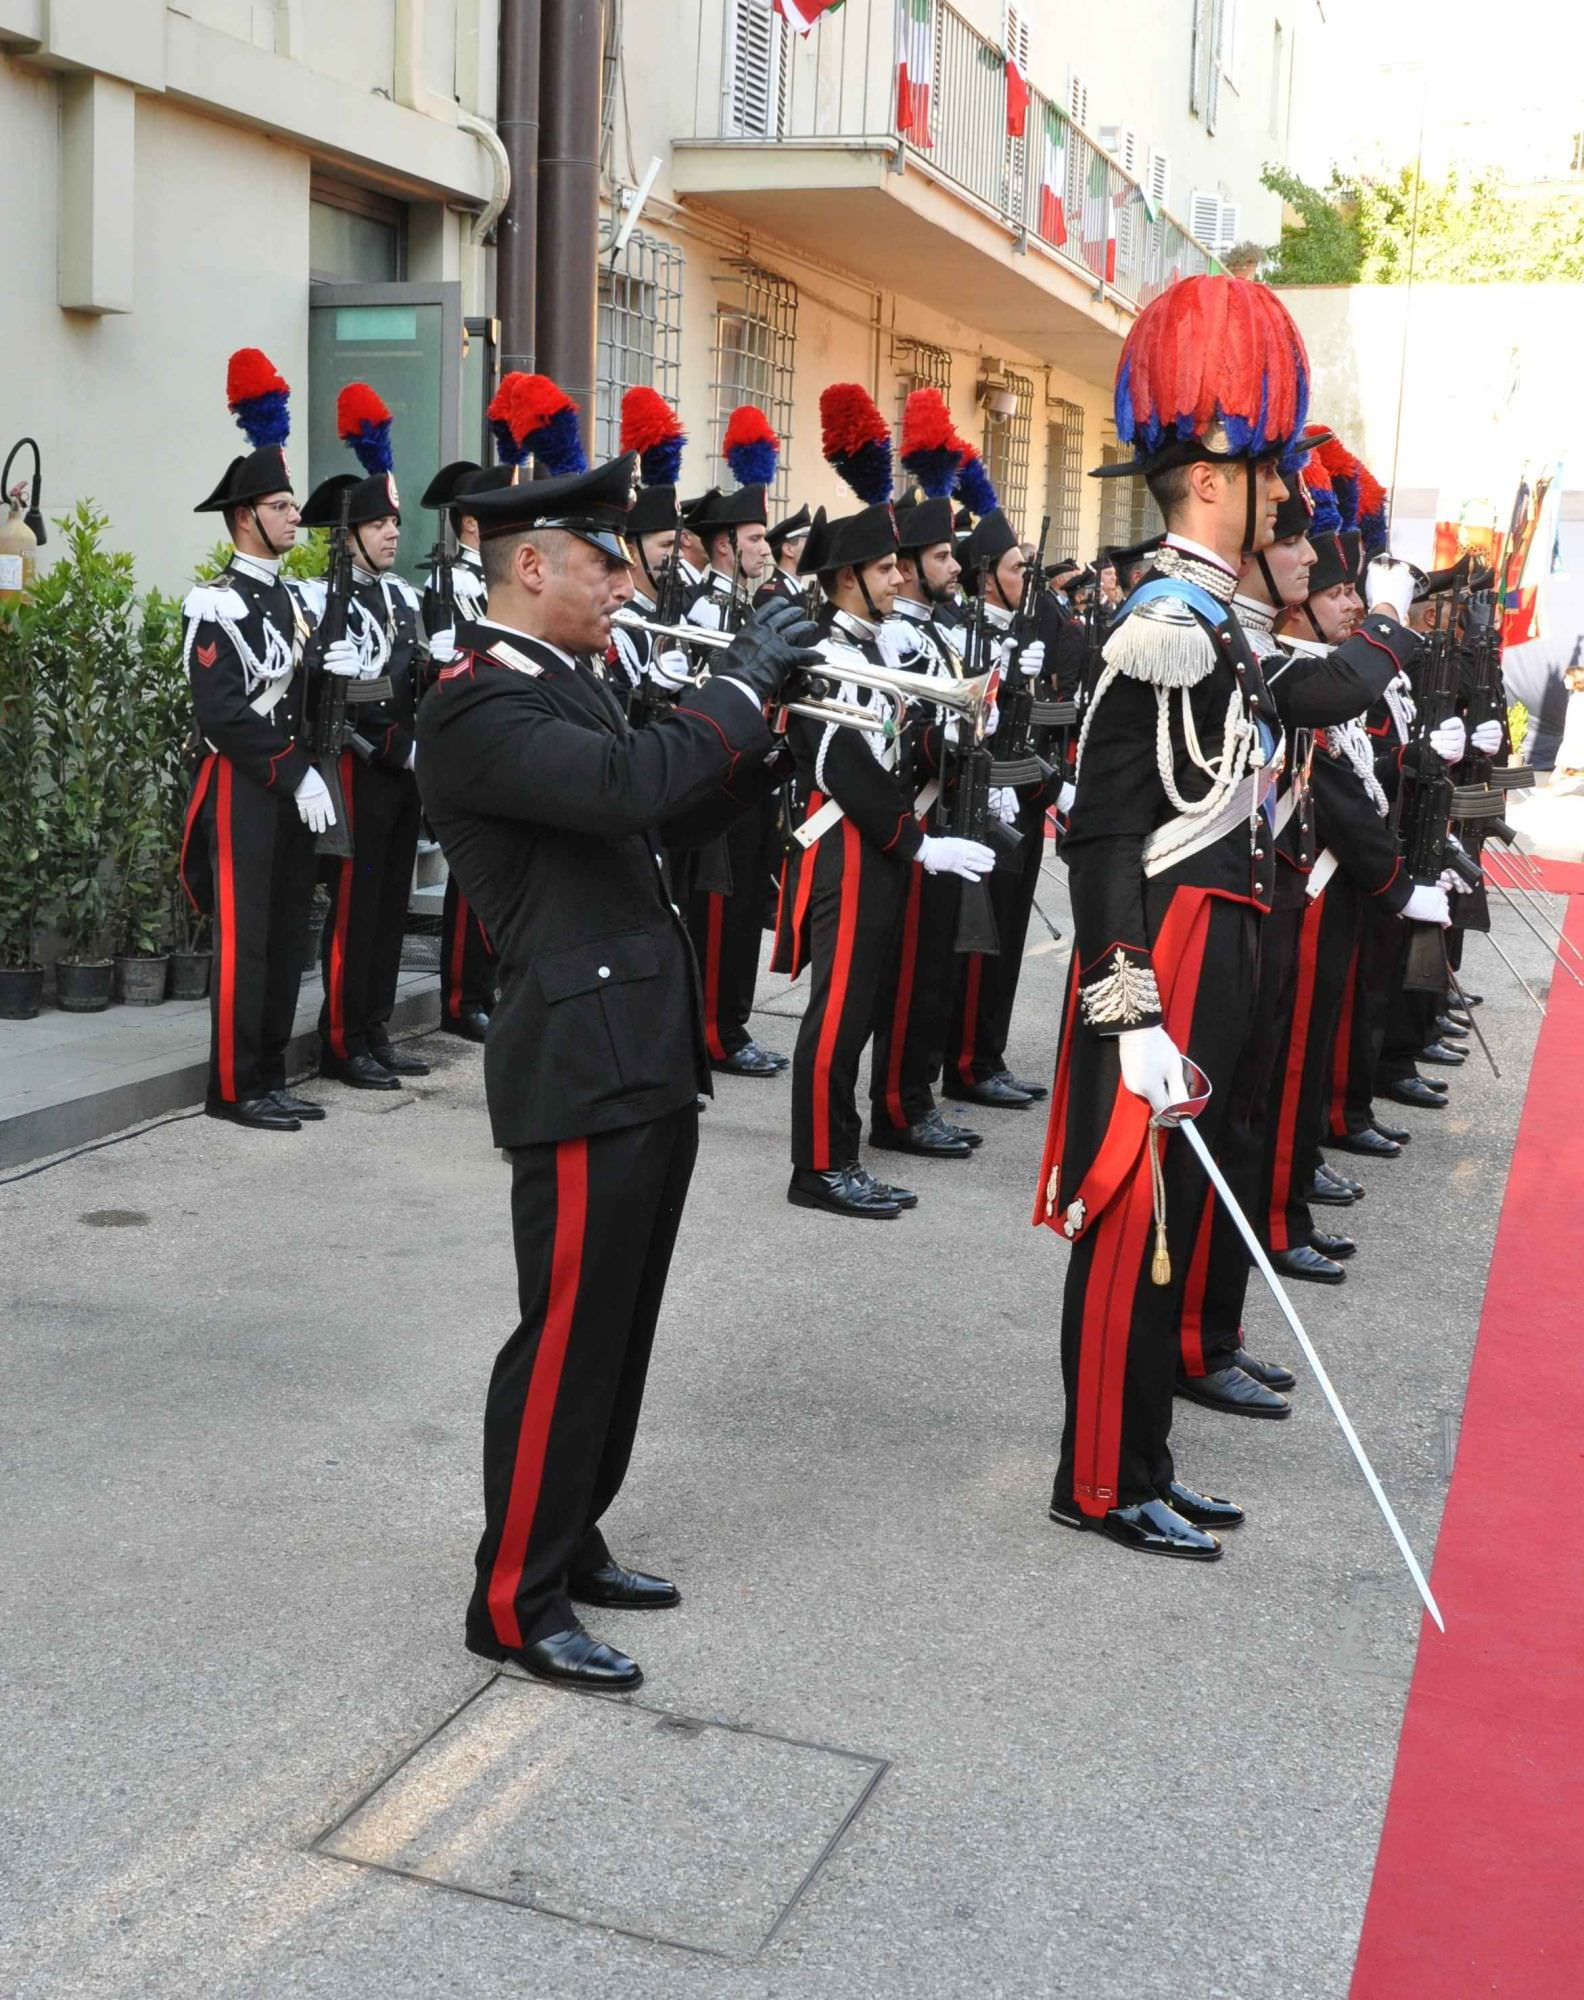 Cittadinanza onoraria di Forte dei Marmi all'Arma dei Carabinieri